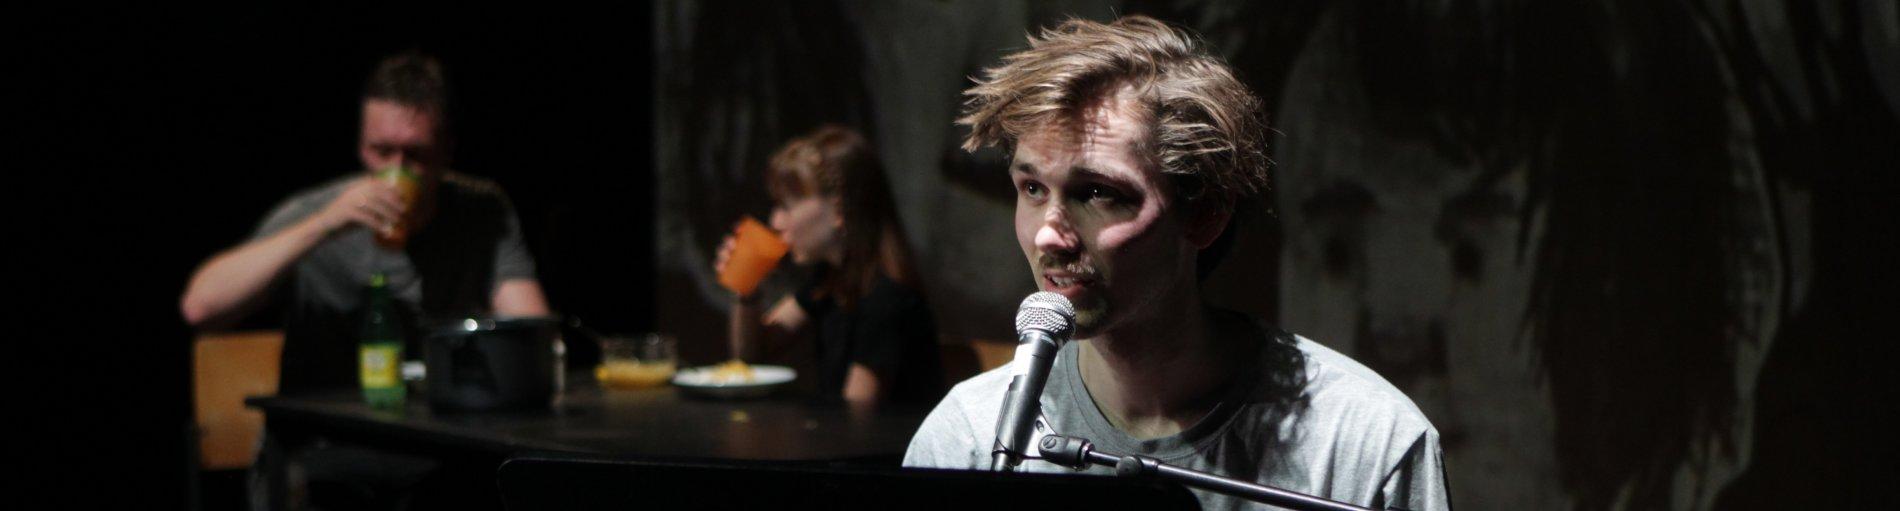 Ein Schauspieler sitzt und spricht in ein Mikrofon. Im Hintergrund sind zwei Personen zu sehen, die an einem Tisch sitzen und aus bunten Bechern trinken.